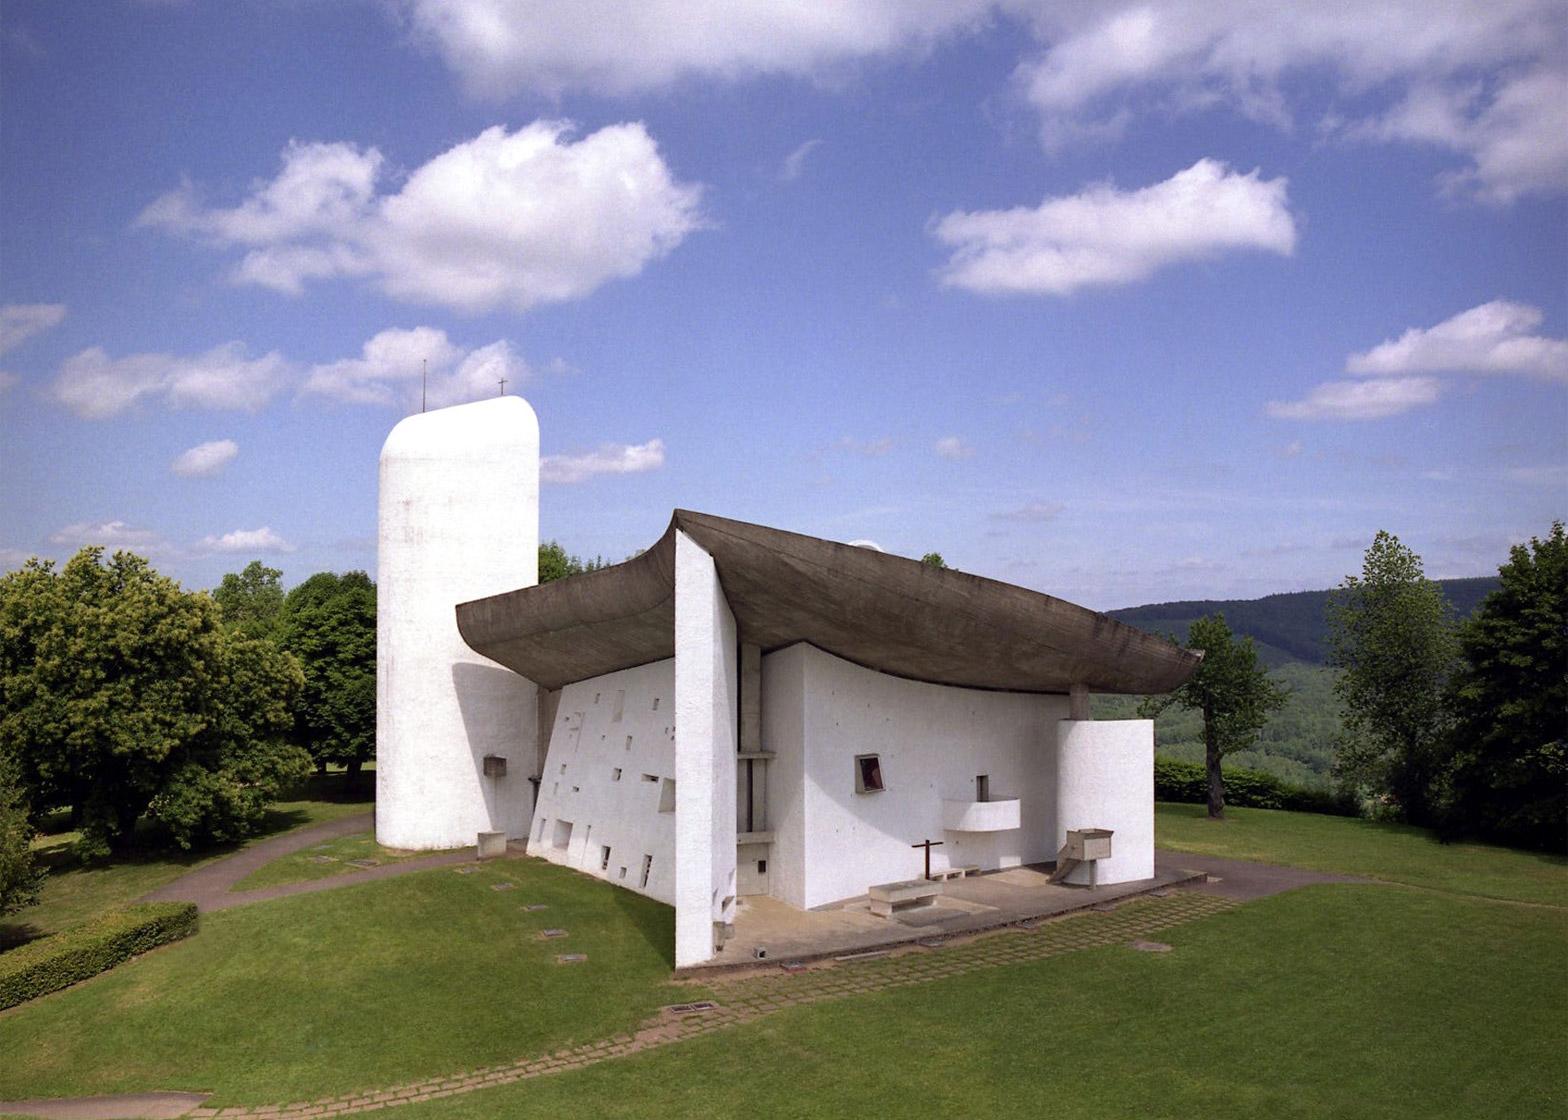 Notre Dame du Haut chapel, Ronchamp, France, 1950 - 1955